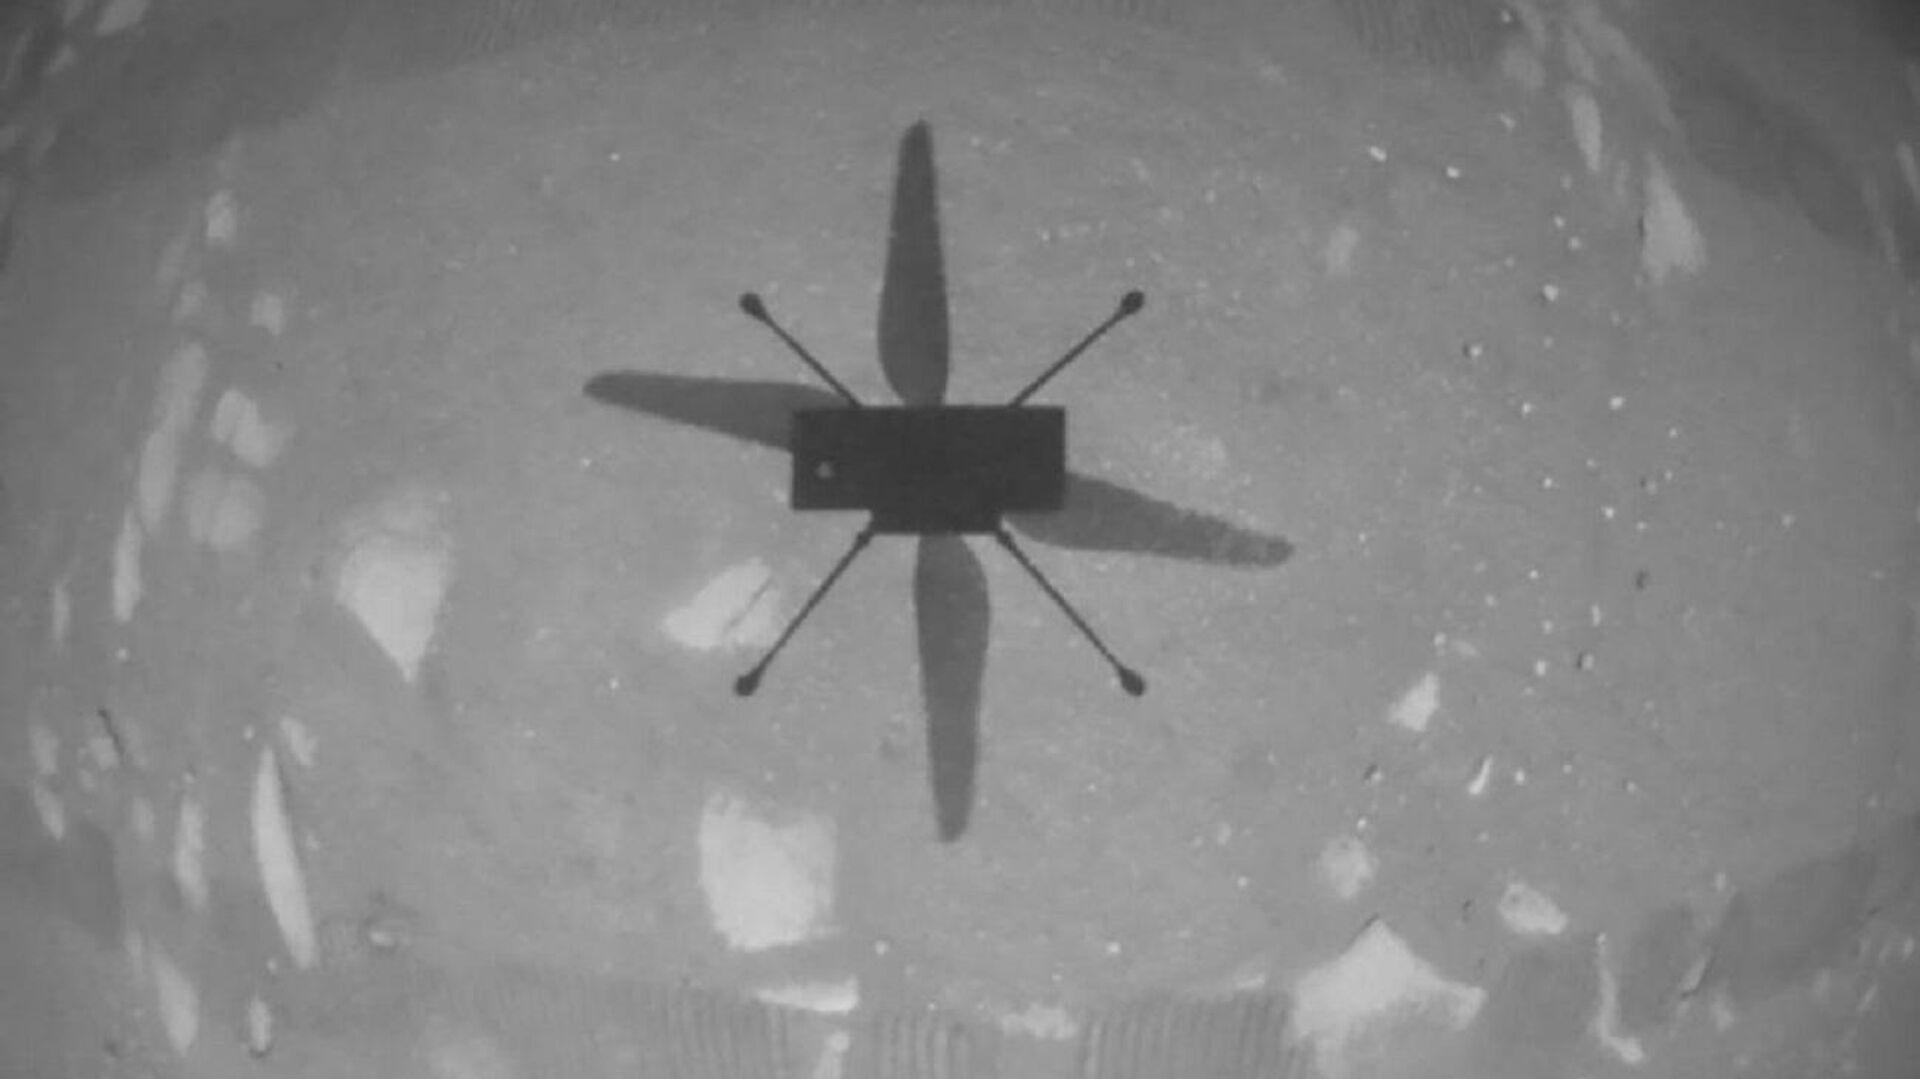 El helicóptero Ingenuity Mars sobre la superficie marciana - Sputnik Mundo, 1920, 28.05.2021